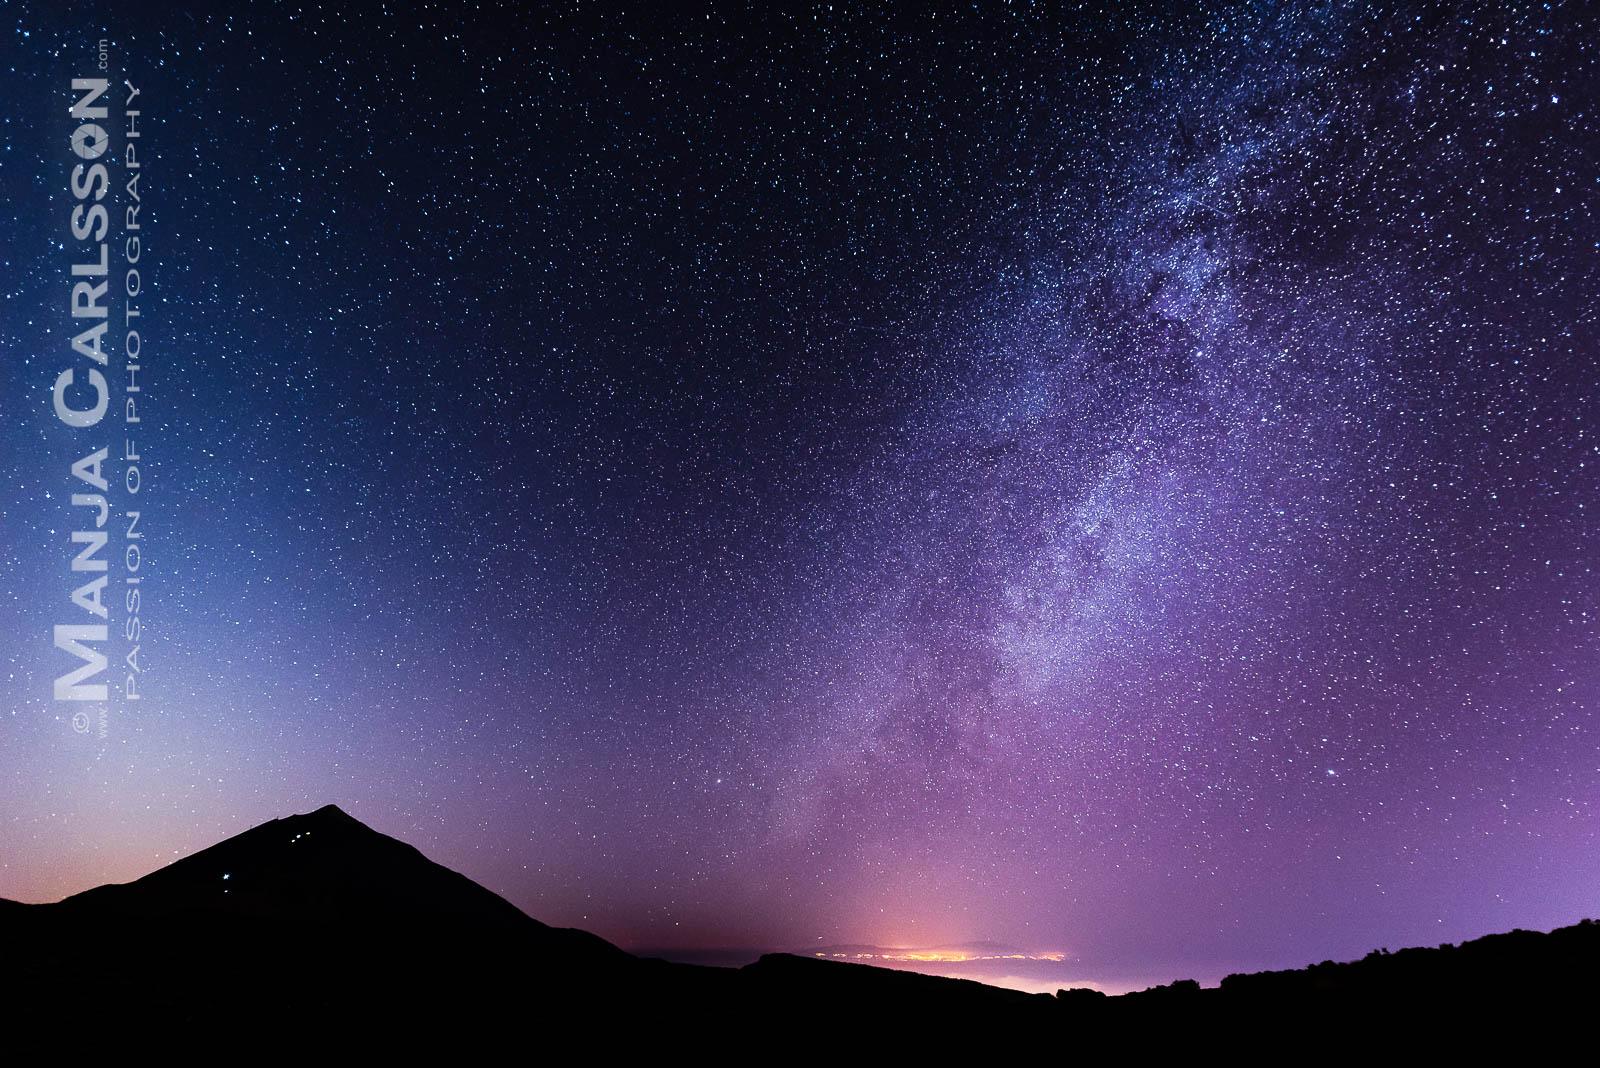 Milchstraße kurz nach Sonnenuntergang mit Blick auf Teide (Teneriffa) und Nachbarinsel La Palma